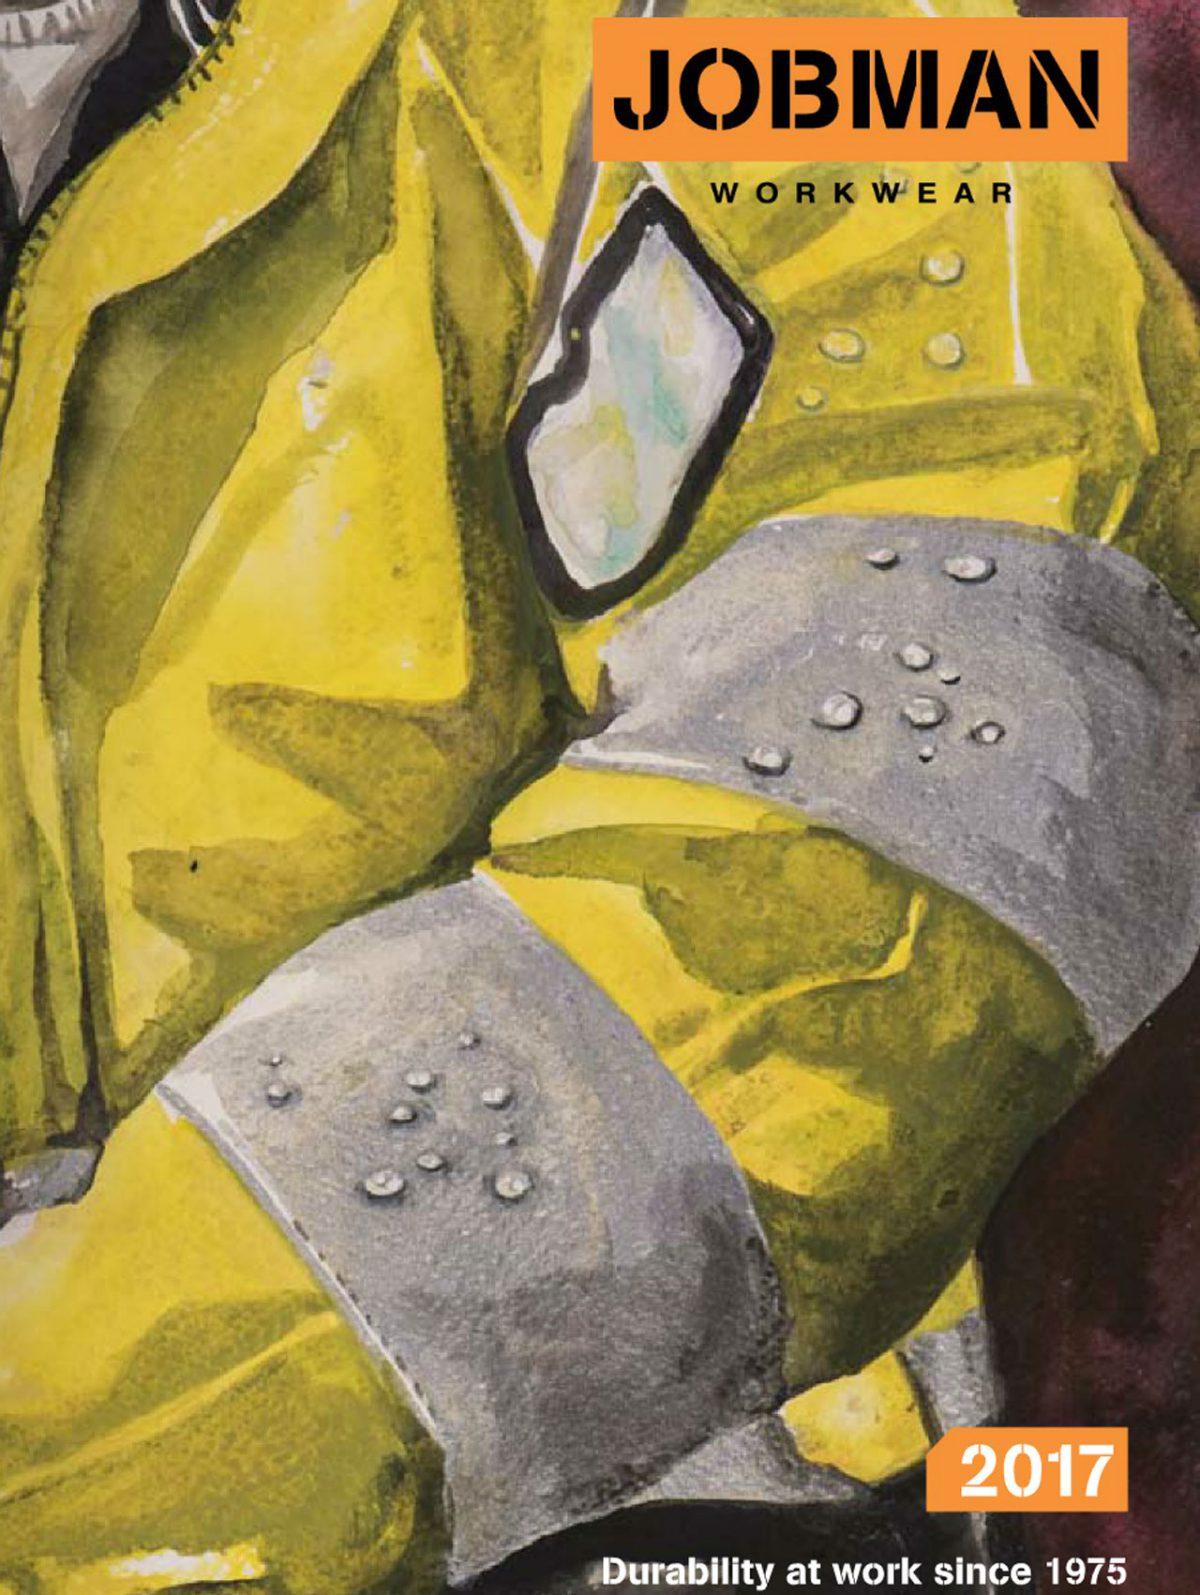 jobman gul industrijakke tegning